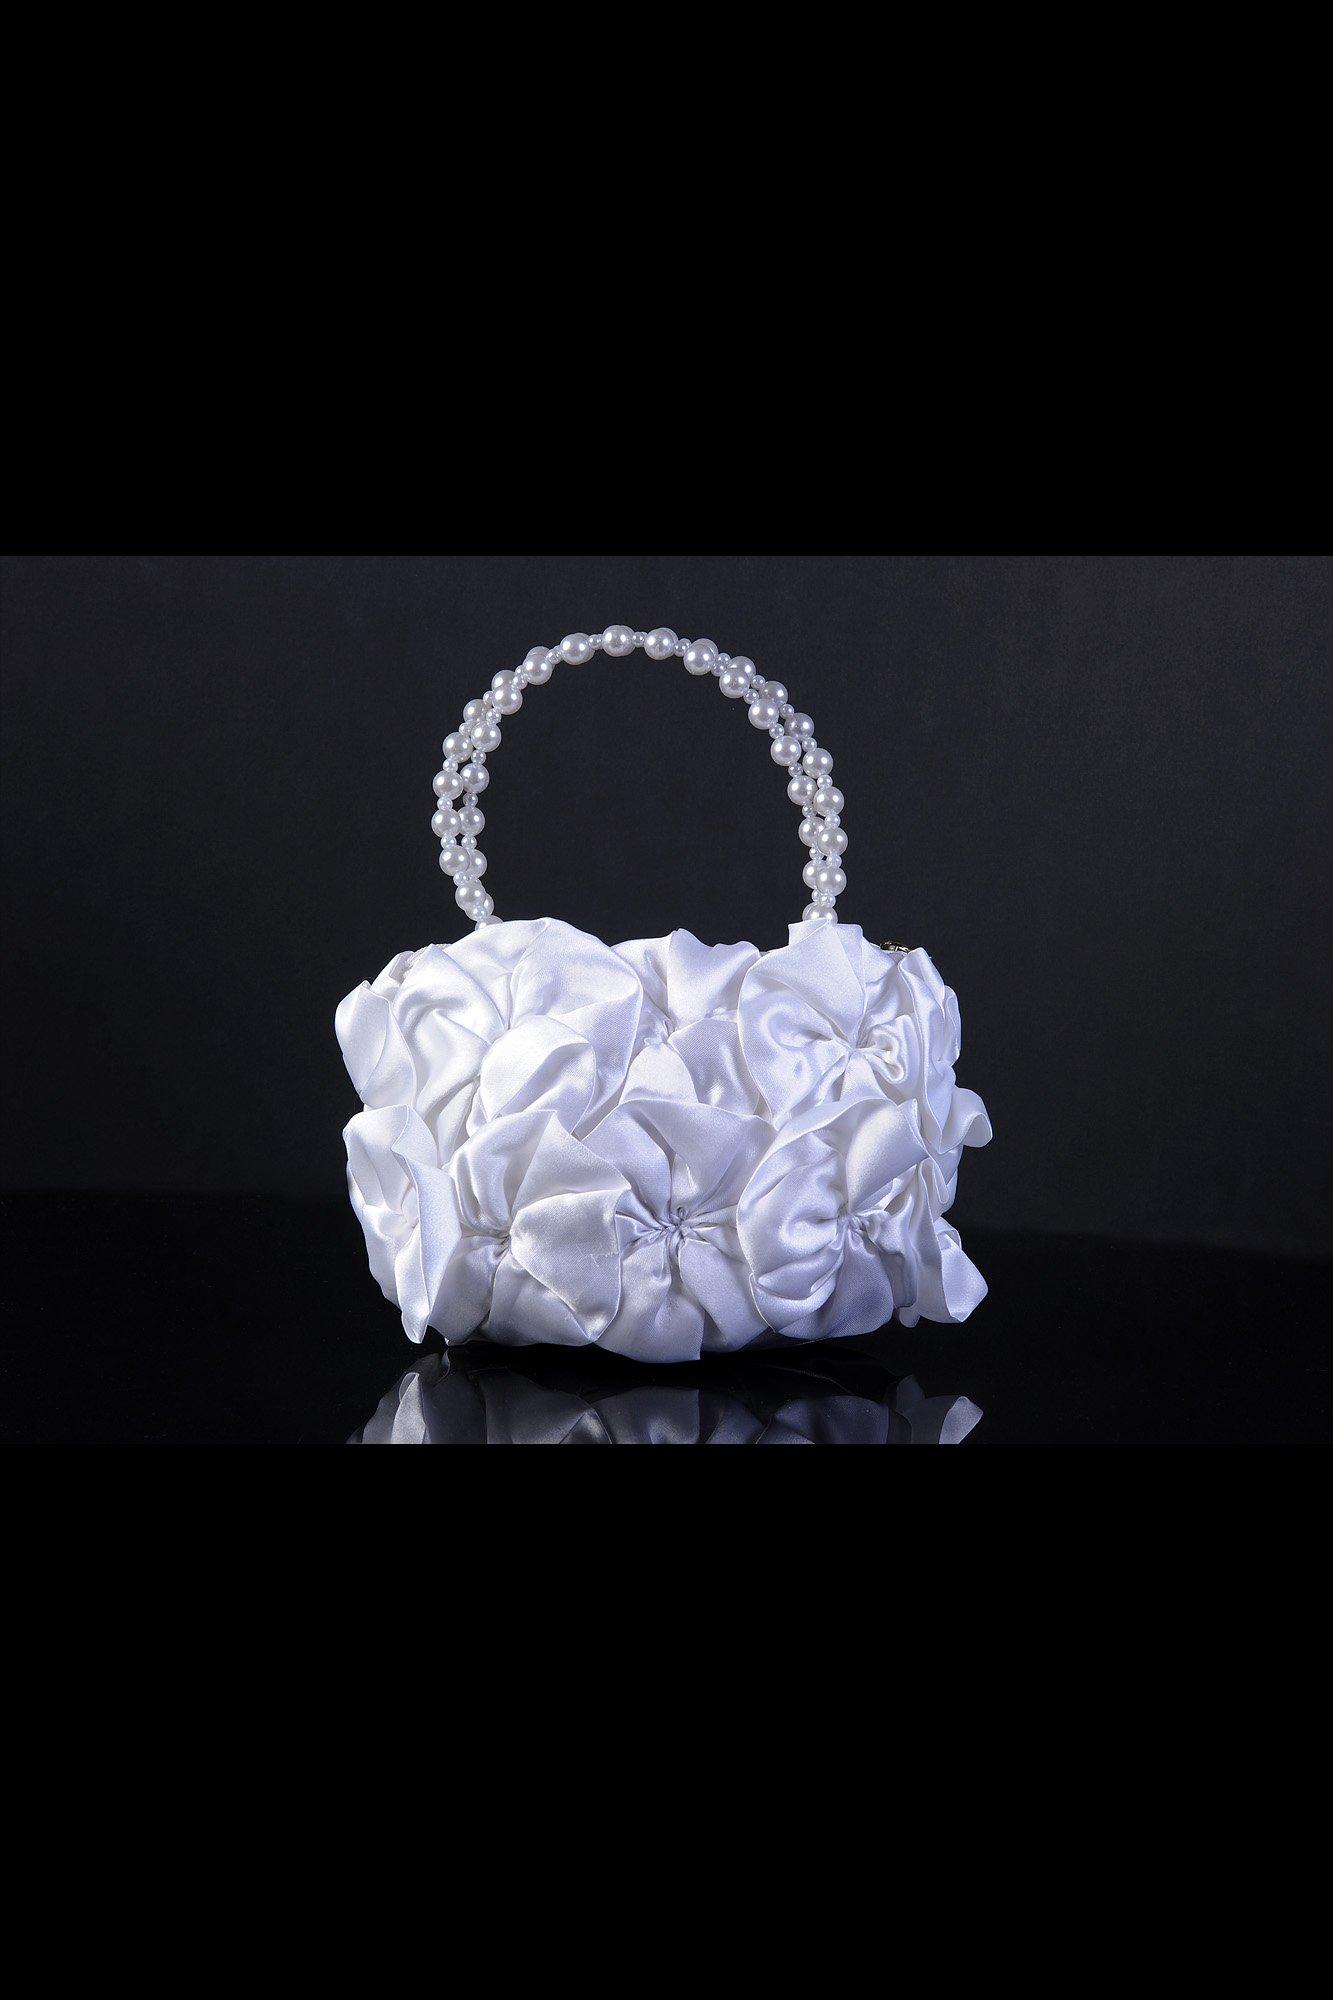 Белоснежная атласная сумочка для невесты, полностью покрытая небольшими бантами.